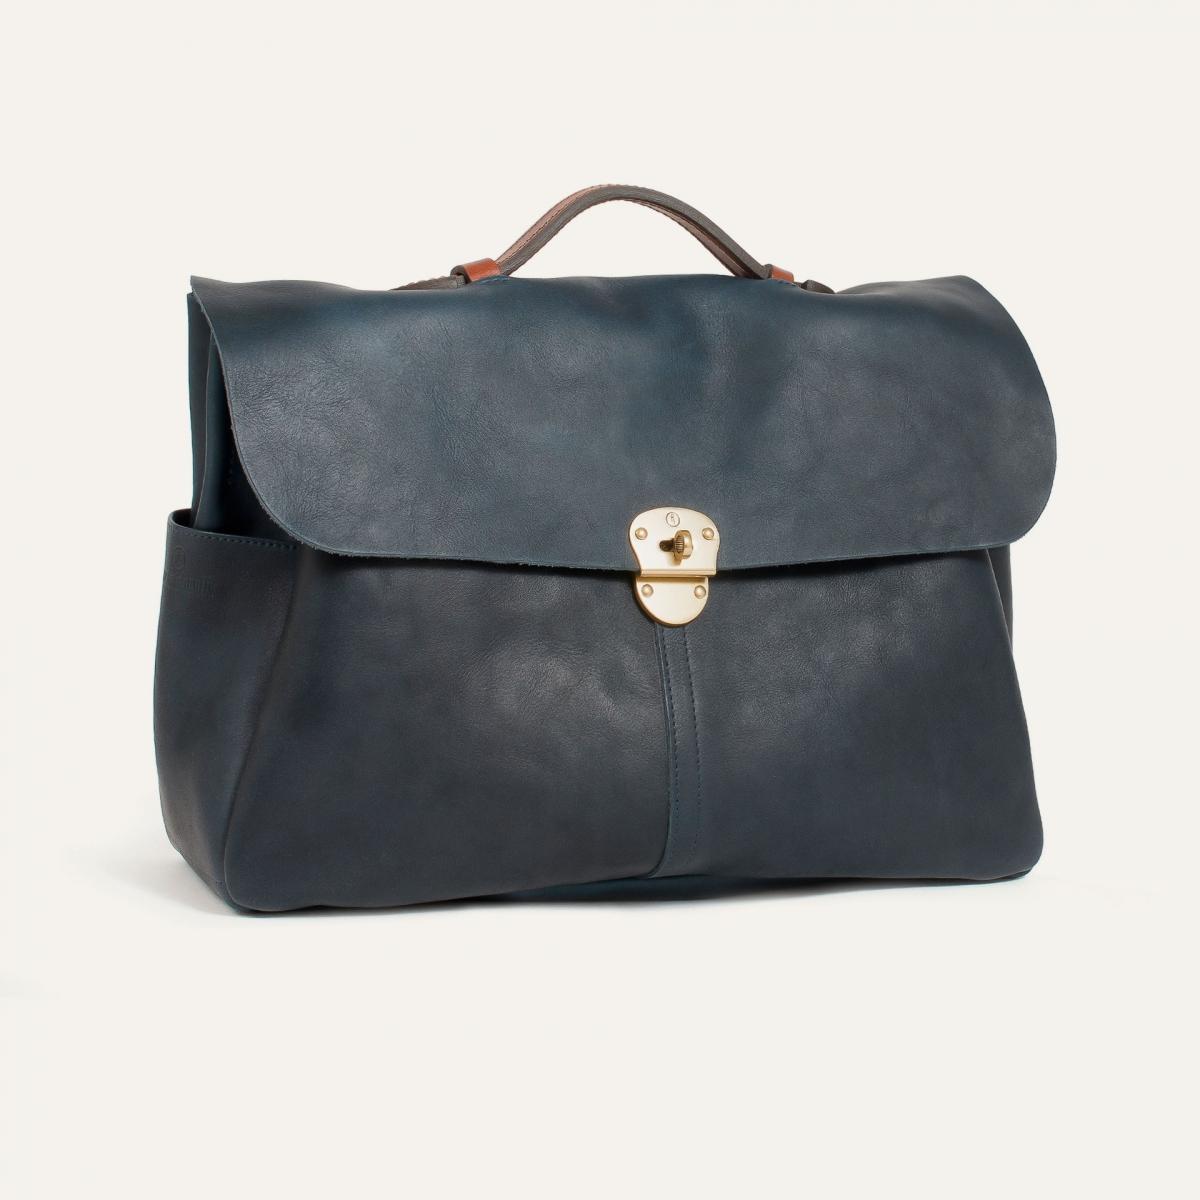 Charles bag - Navy Blue (image n°2)